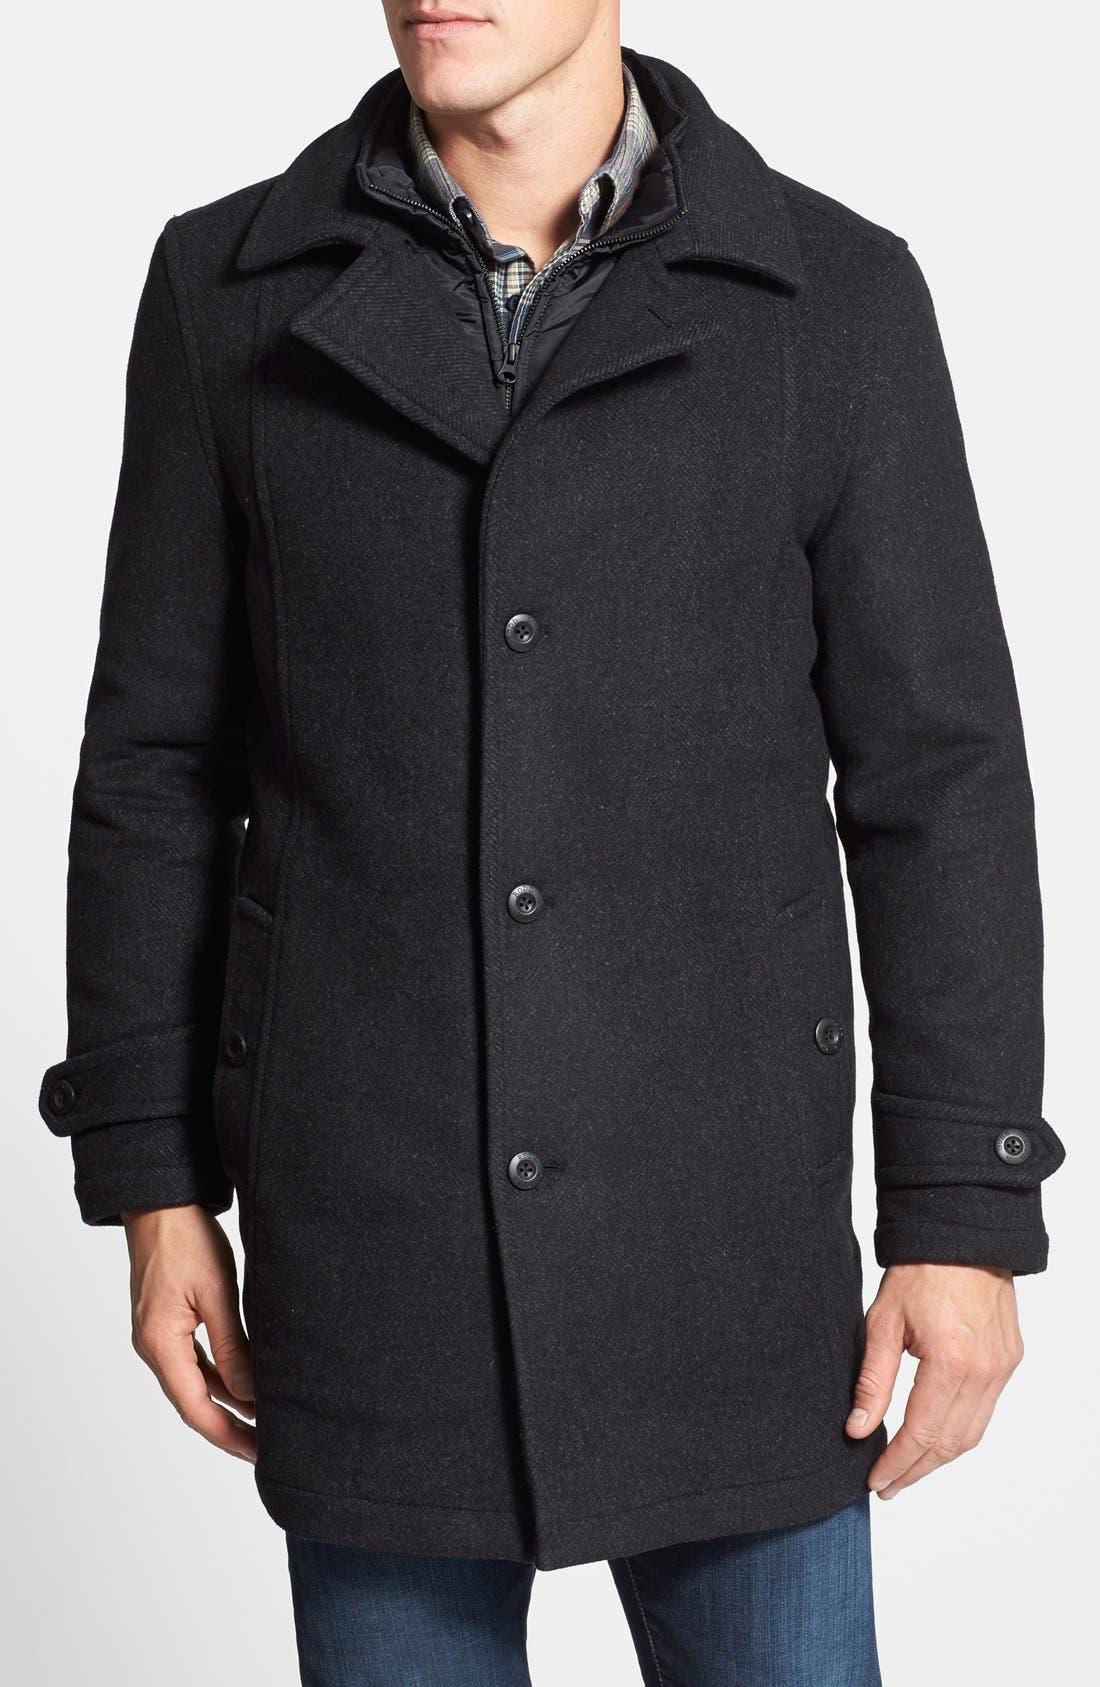 Alternate Image 1 Selected - Rodd & Gunn 'Westown' 3-in-1 Wool Blend Coat